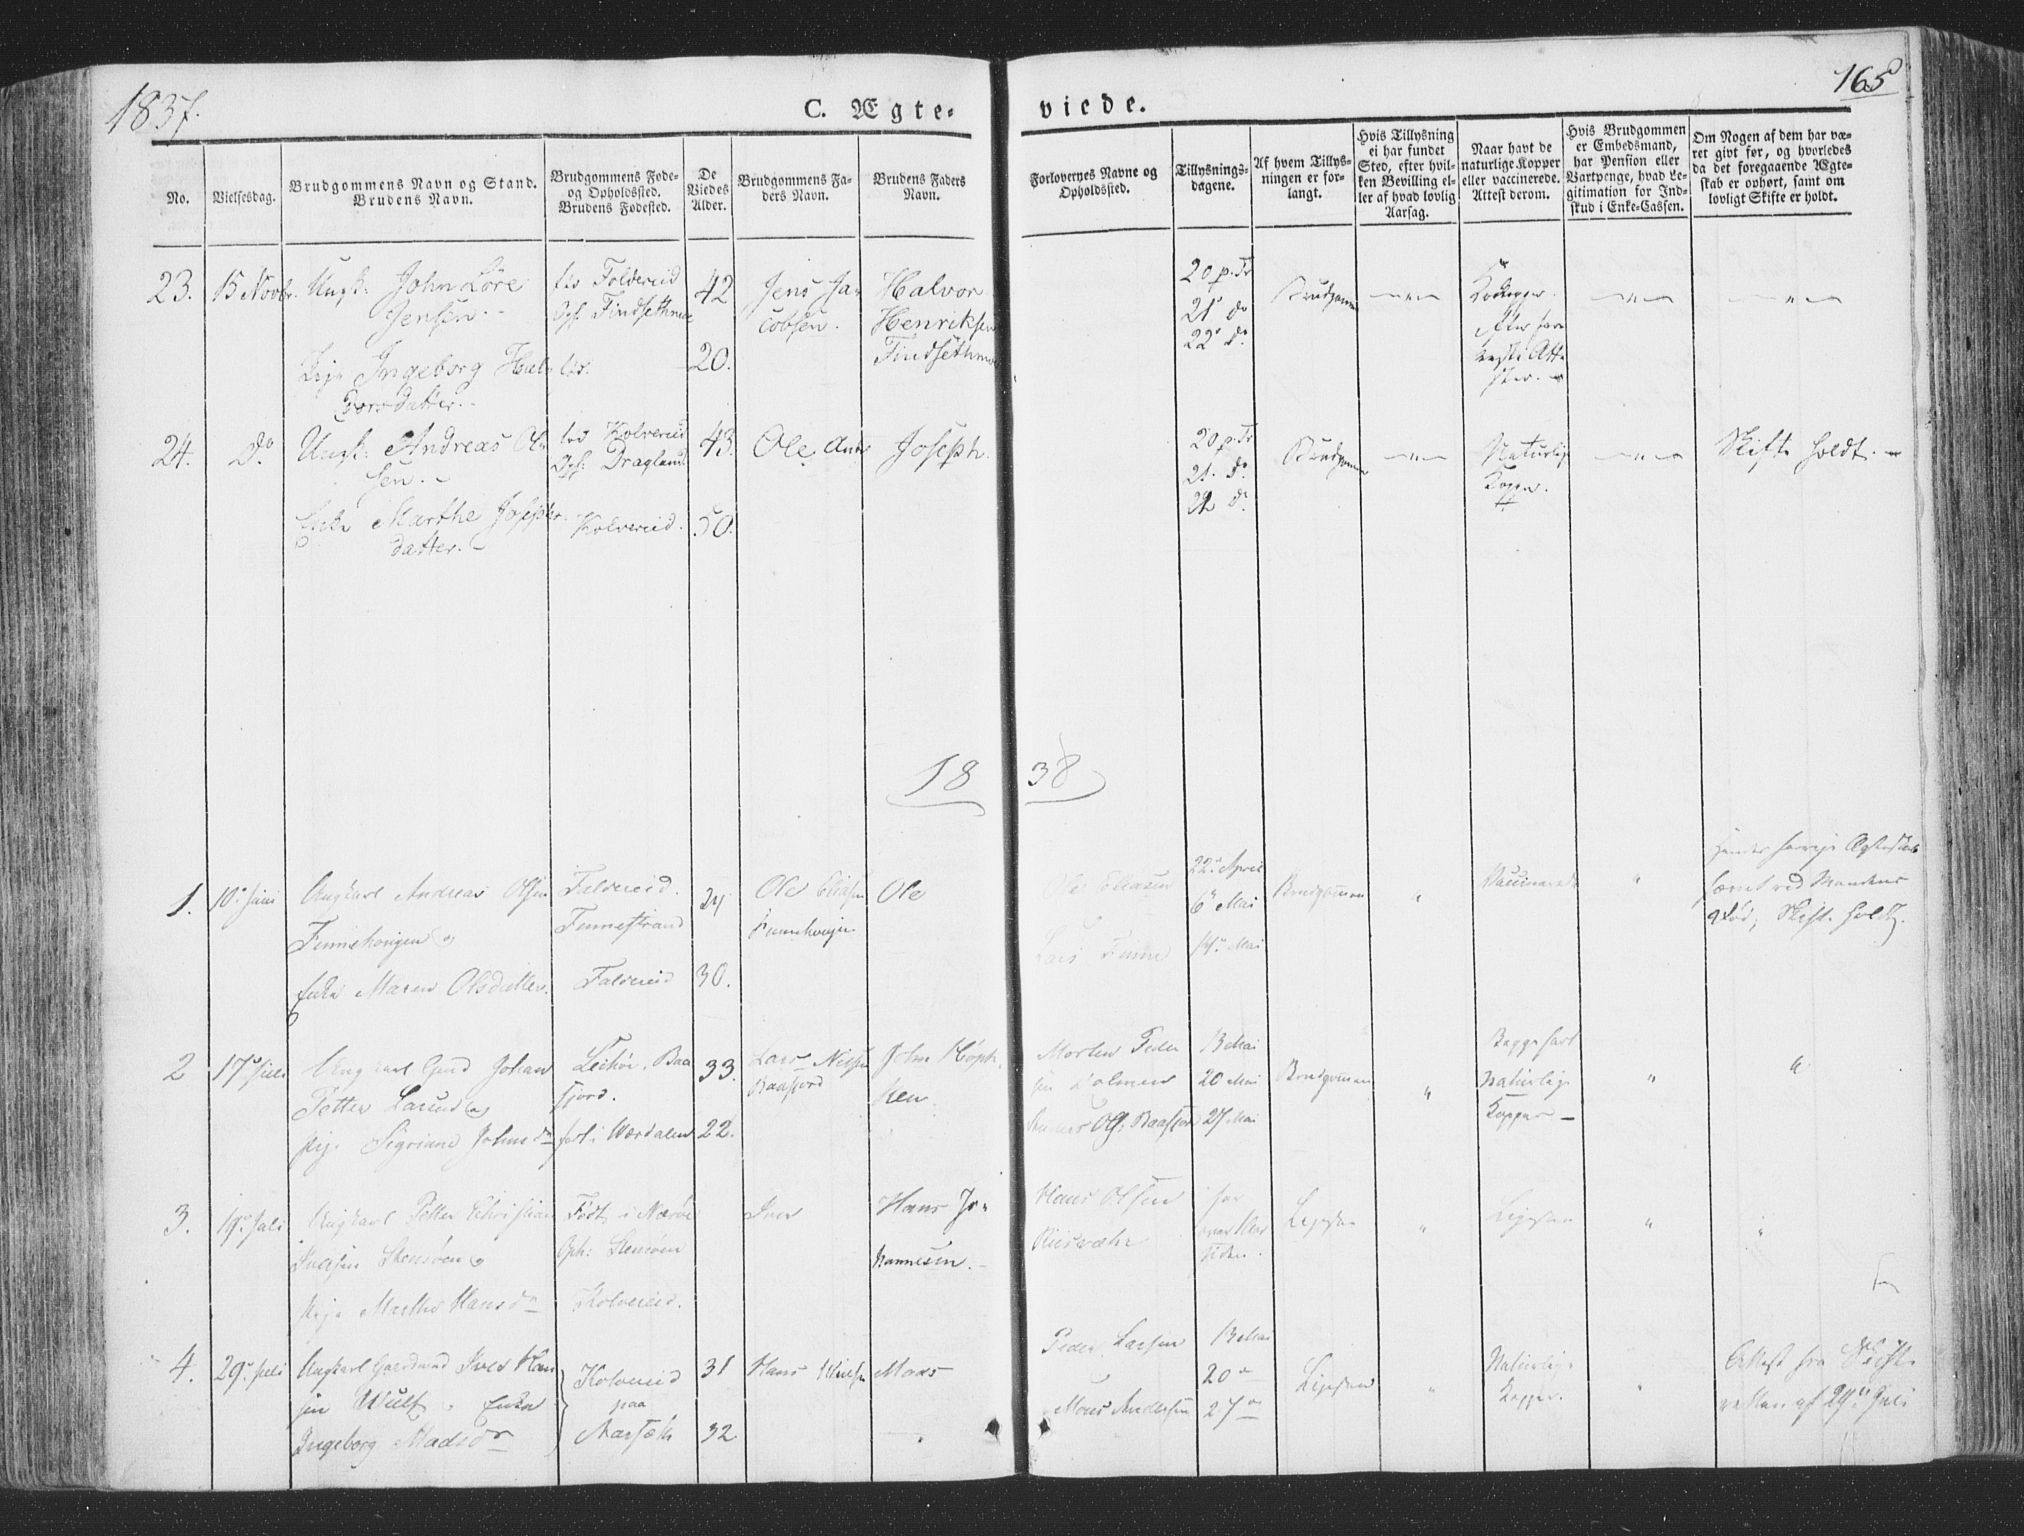 SAT, Ministerialprotokoller, klokkerbøker og fødselsregistre - Nord-Trøndelag, 780/L0639: Ministerialbok nr. 780A04, 1830-1844, s. 165